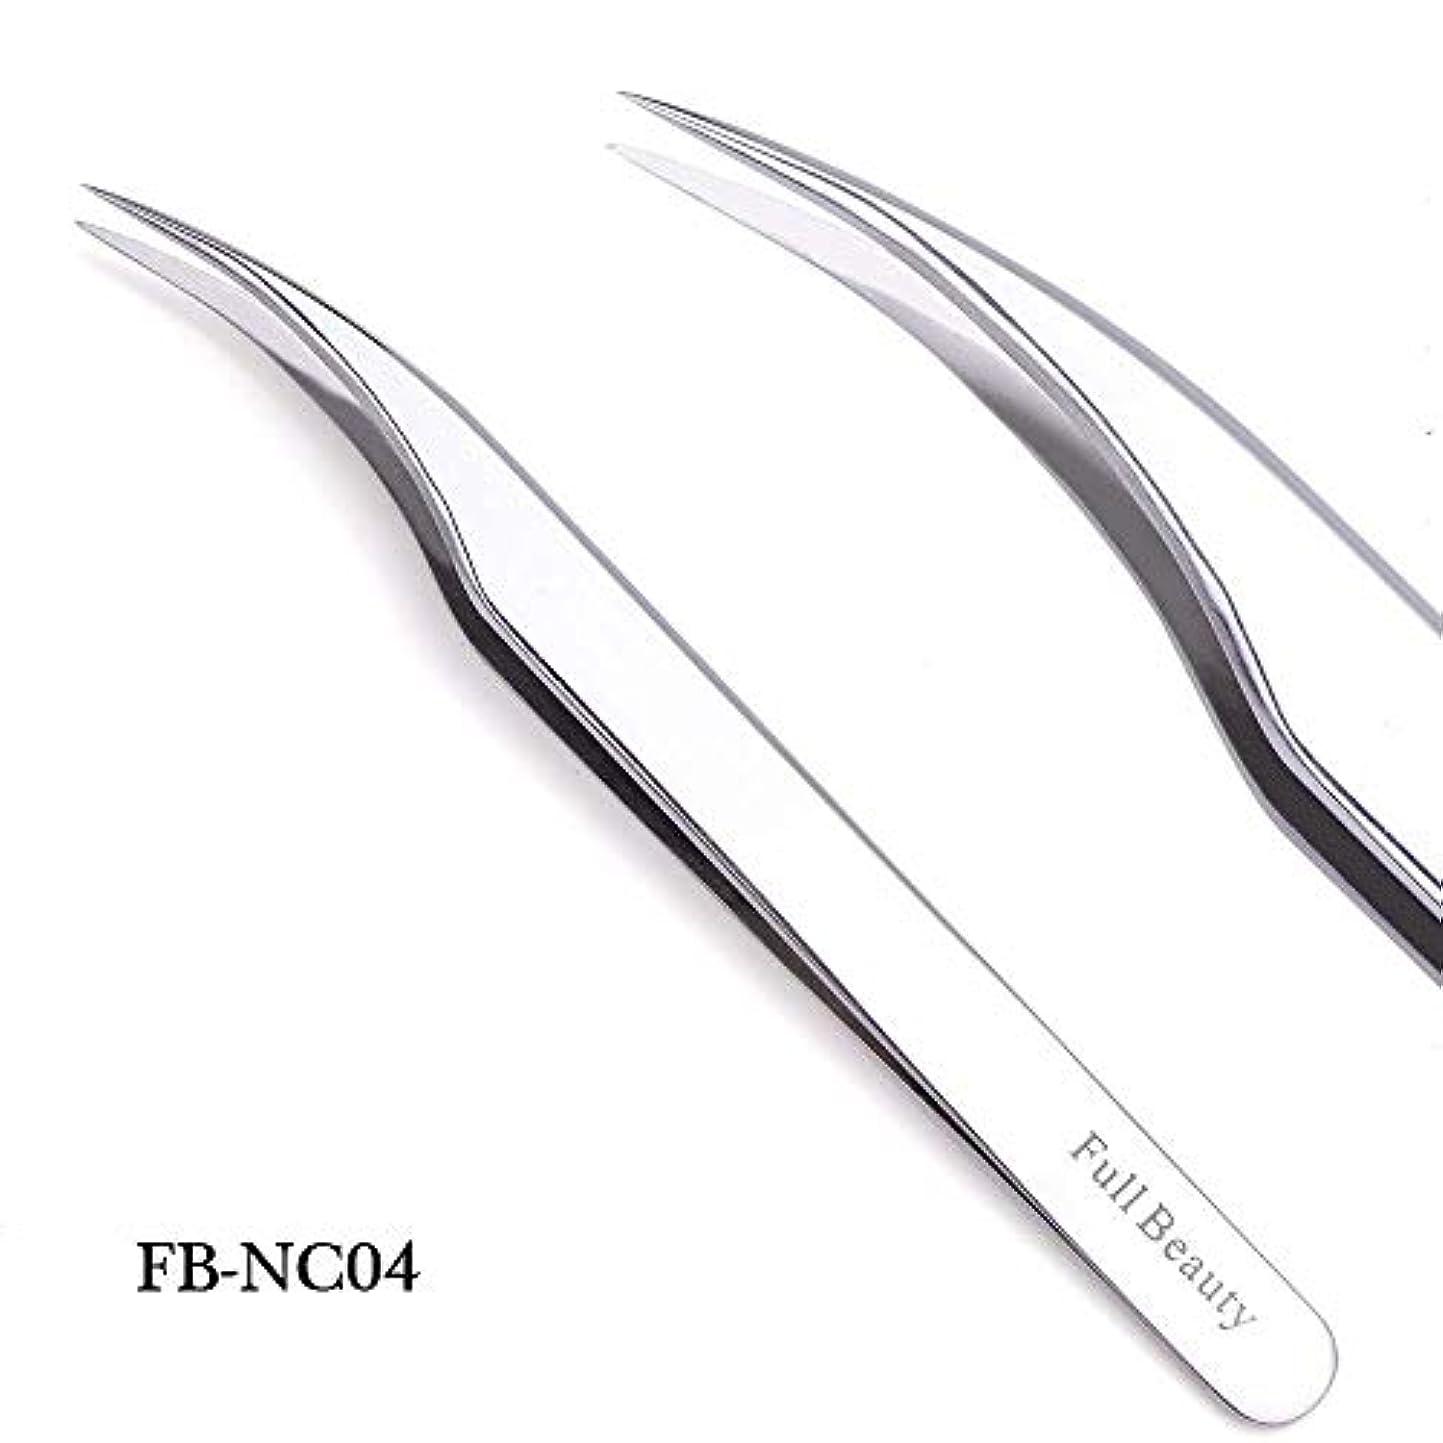 論文アラートフィードオン1ピーススライバーミラー眉毛ピンセット曲線ストレートまつげエクステンションネイルニッパーにきびクリーニング化粧道具マニキュアSAFBNC01-04 FB-NC04